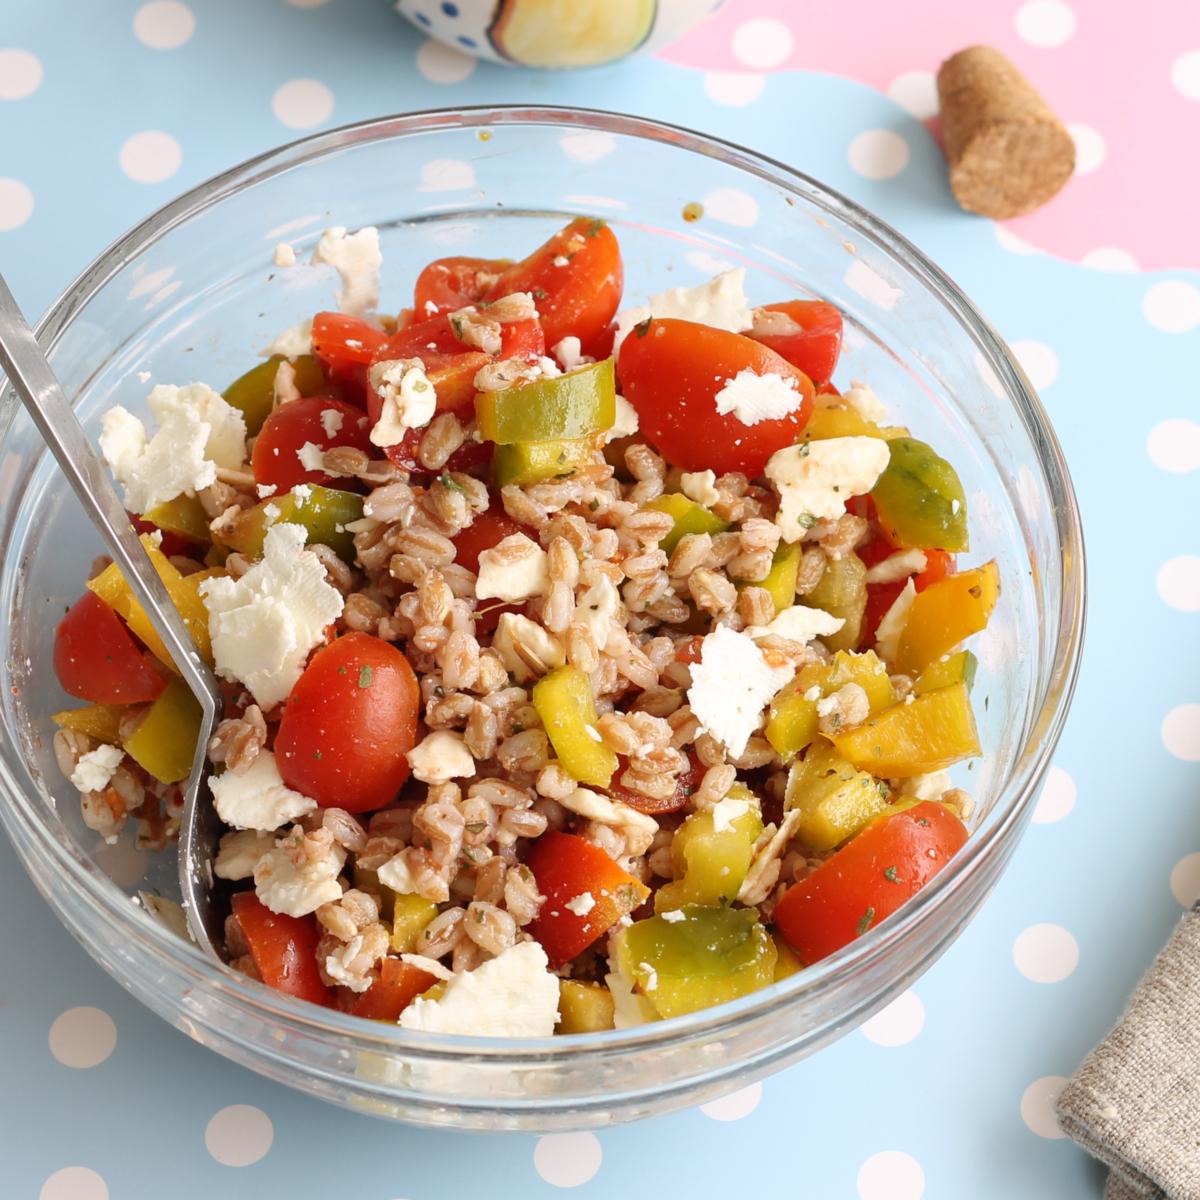 FARRO FETA PEPERONI ricetta insalata fredda cereali e verdure crude